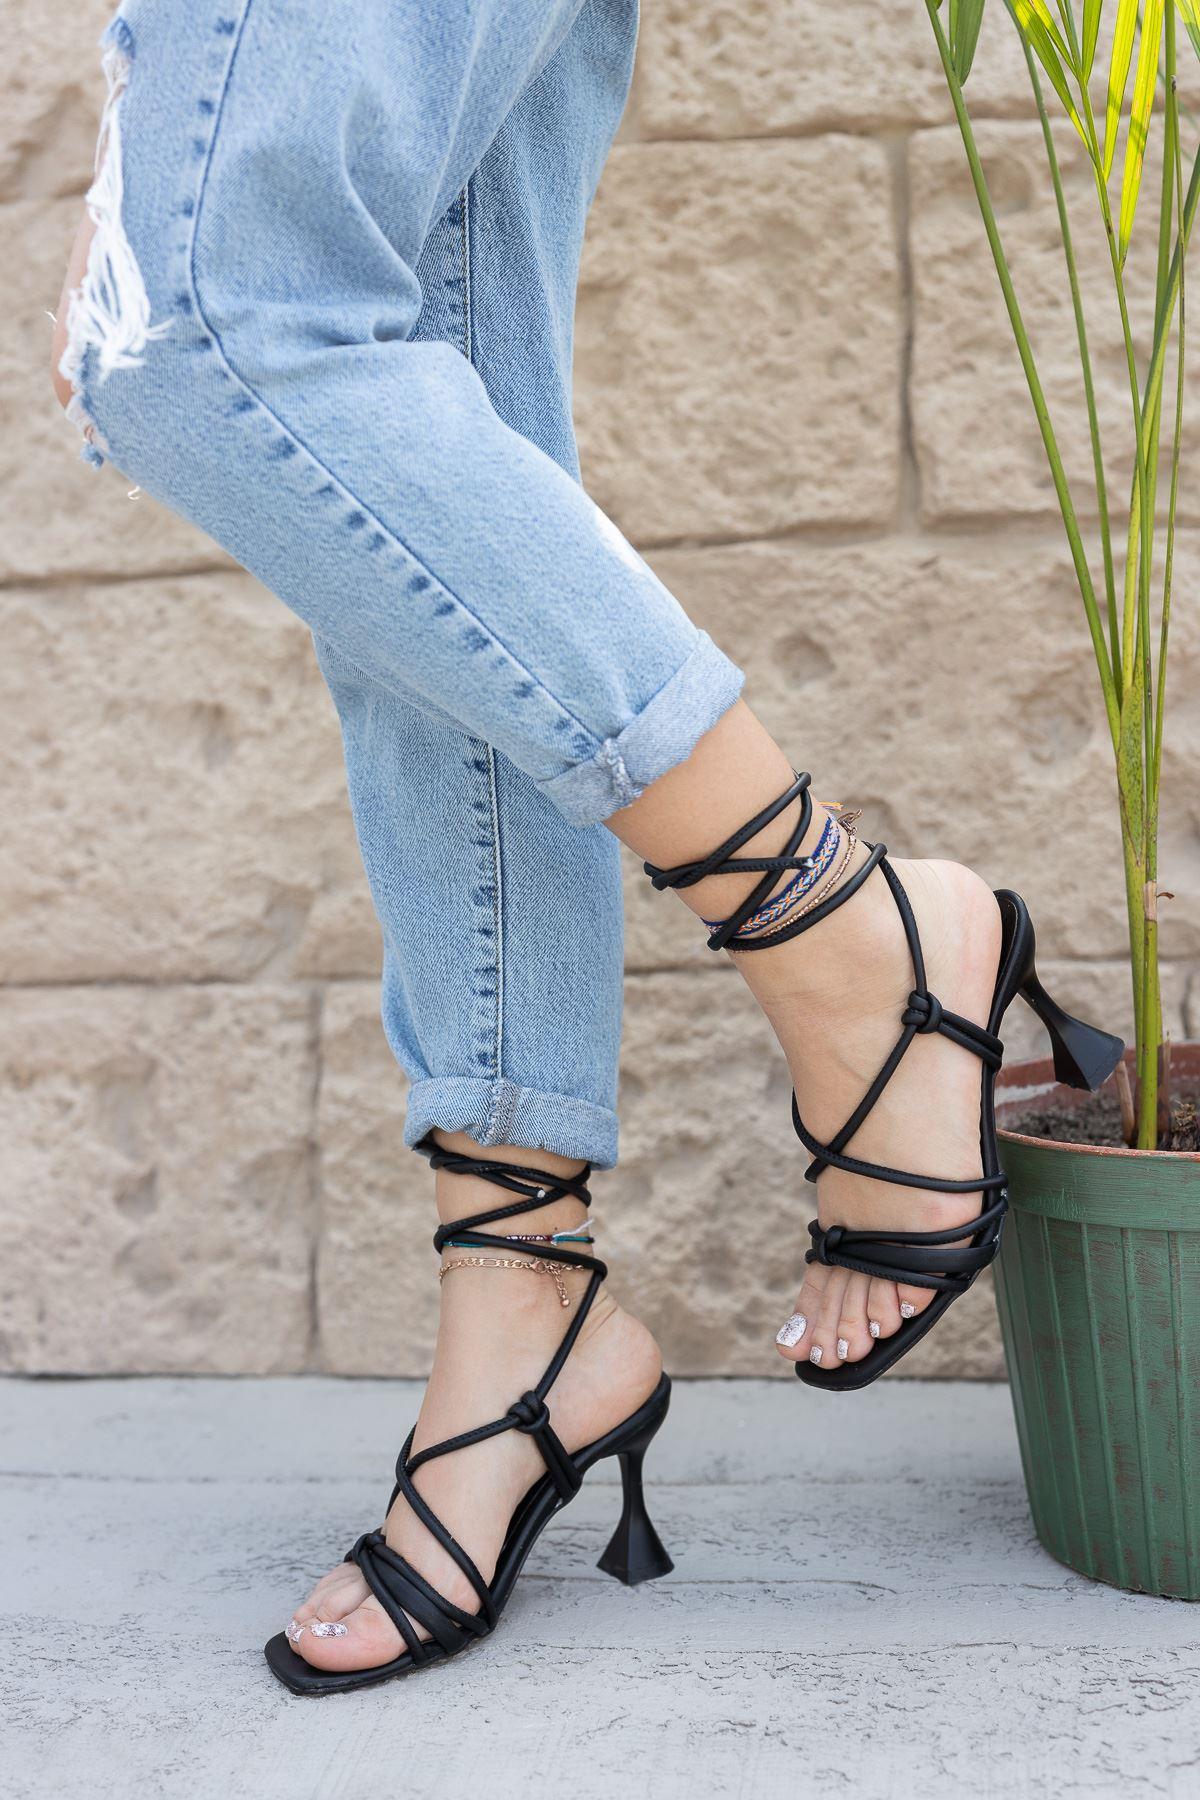 Kadın Vonder Mat Deri Bilekten Bağlama Detaylı Siyah Yüksek Topuklu Ayakkabı